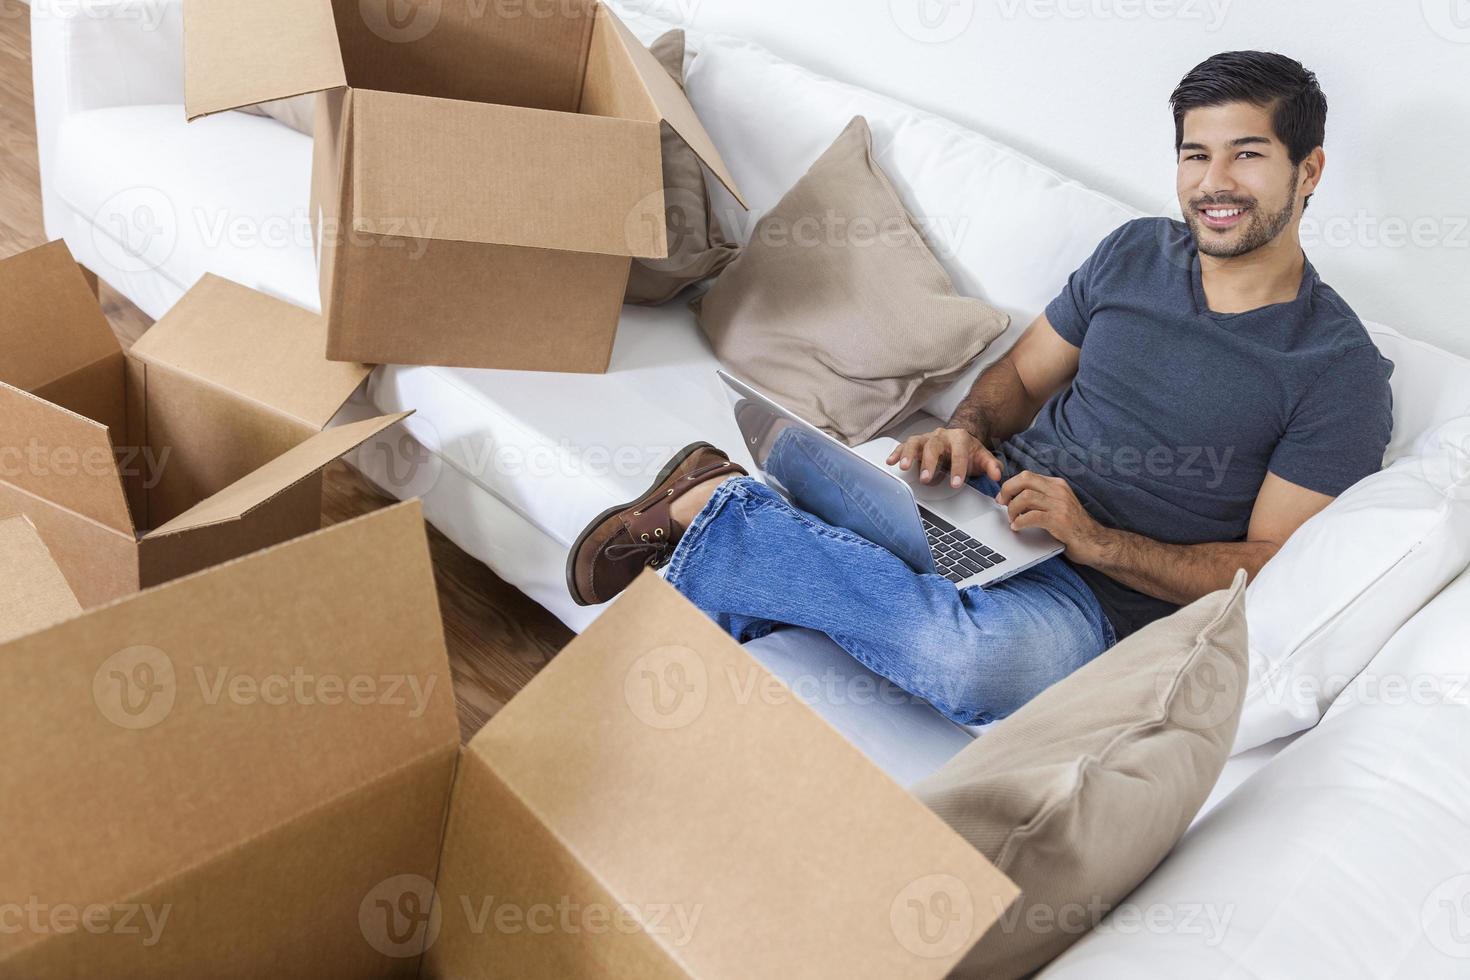 asiatisk man använder bärbar dator packa upp lådor flytta hus foto